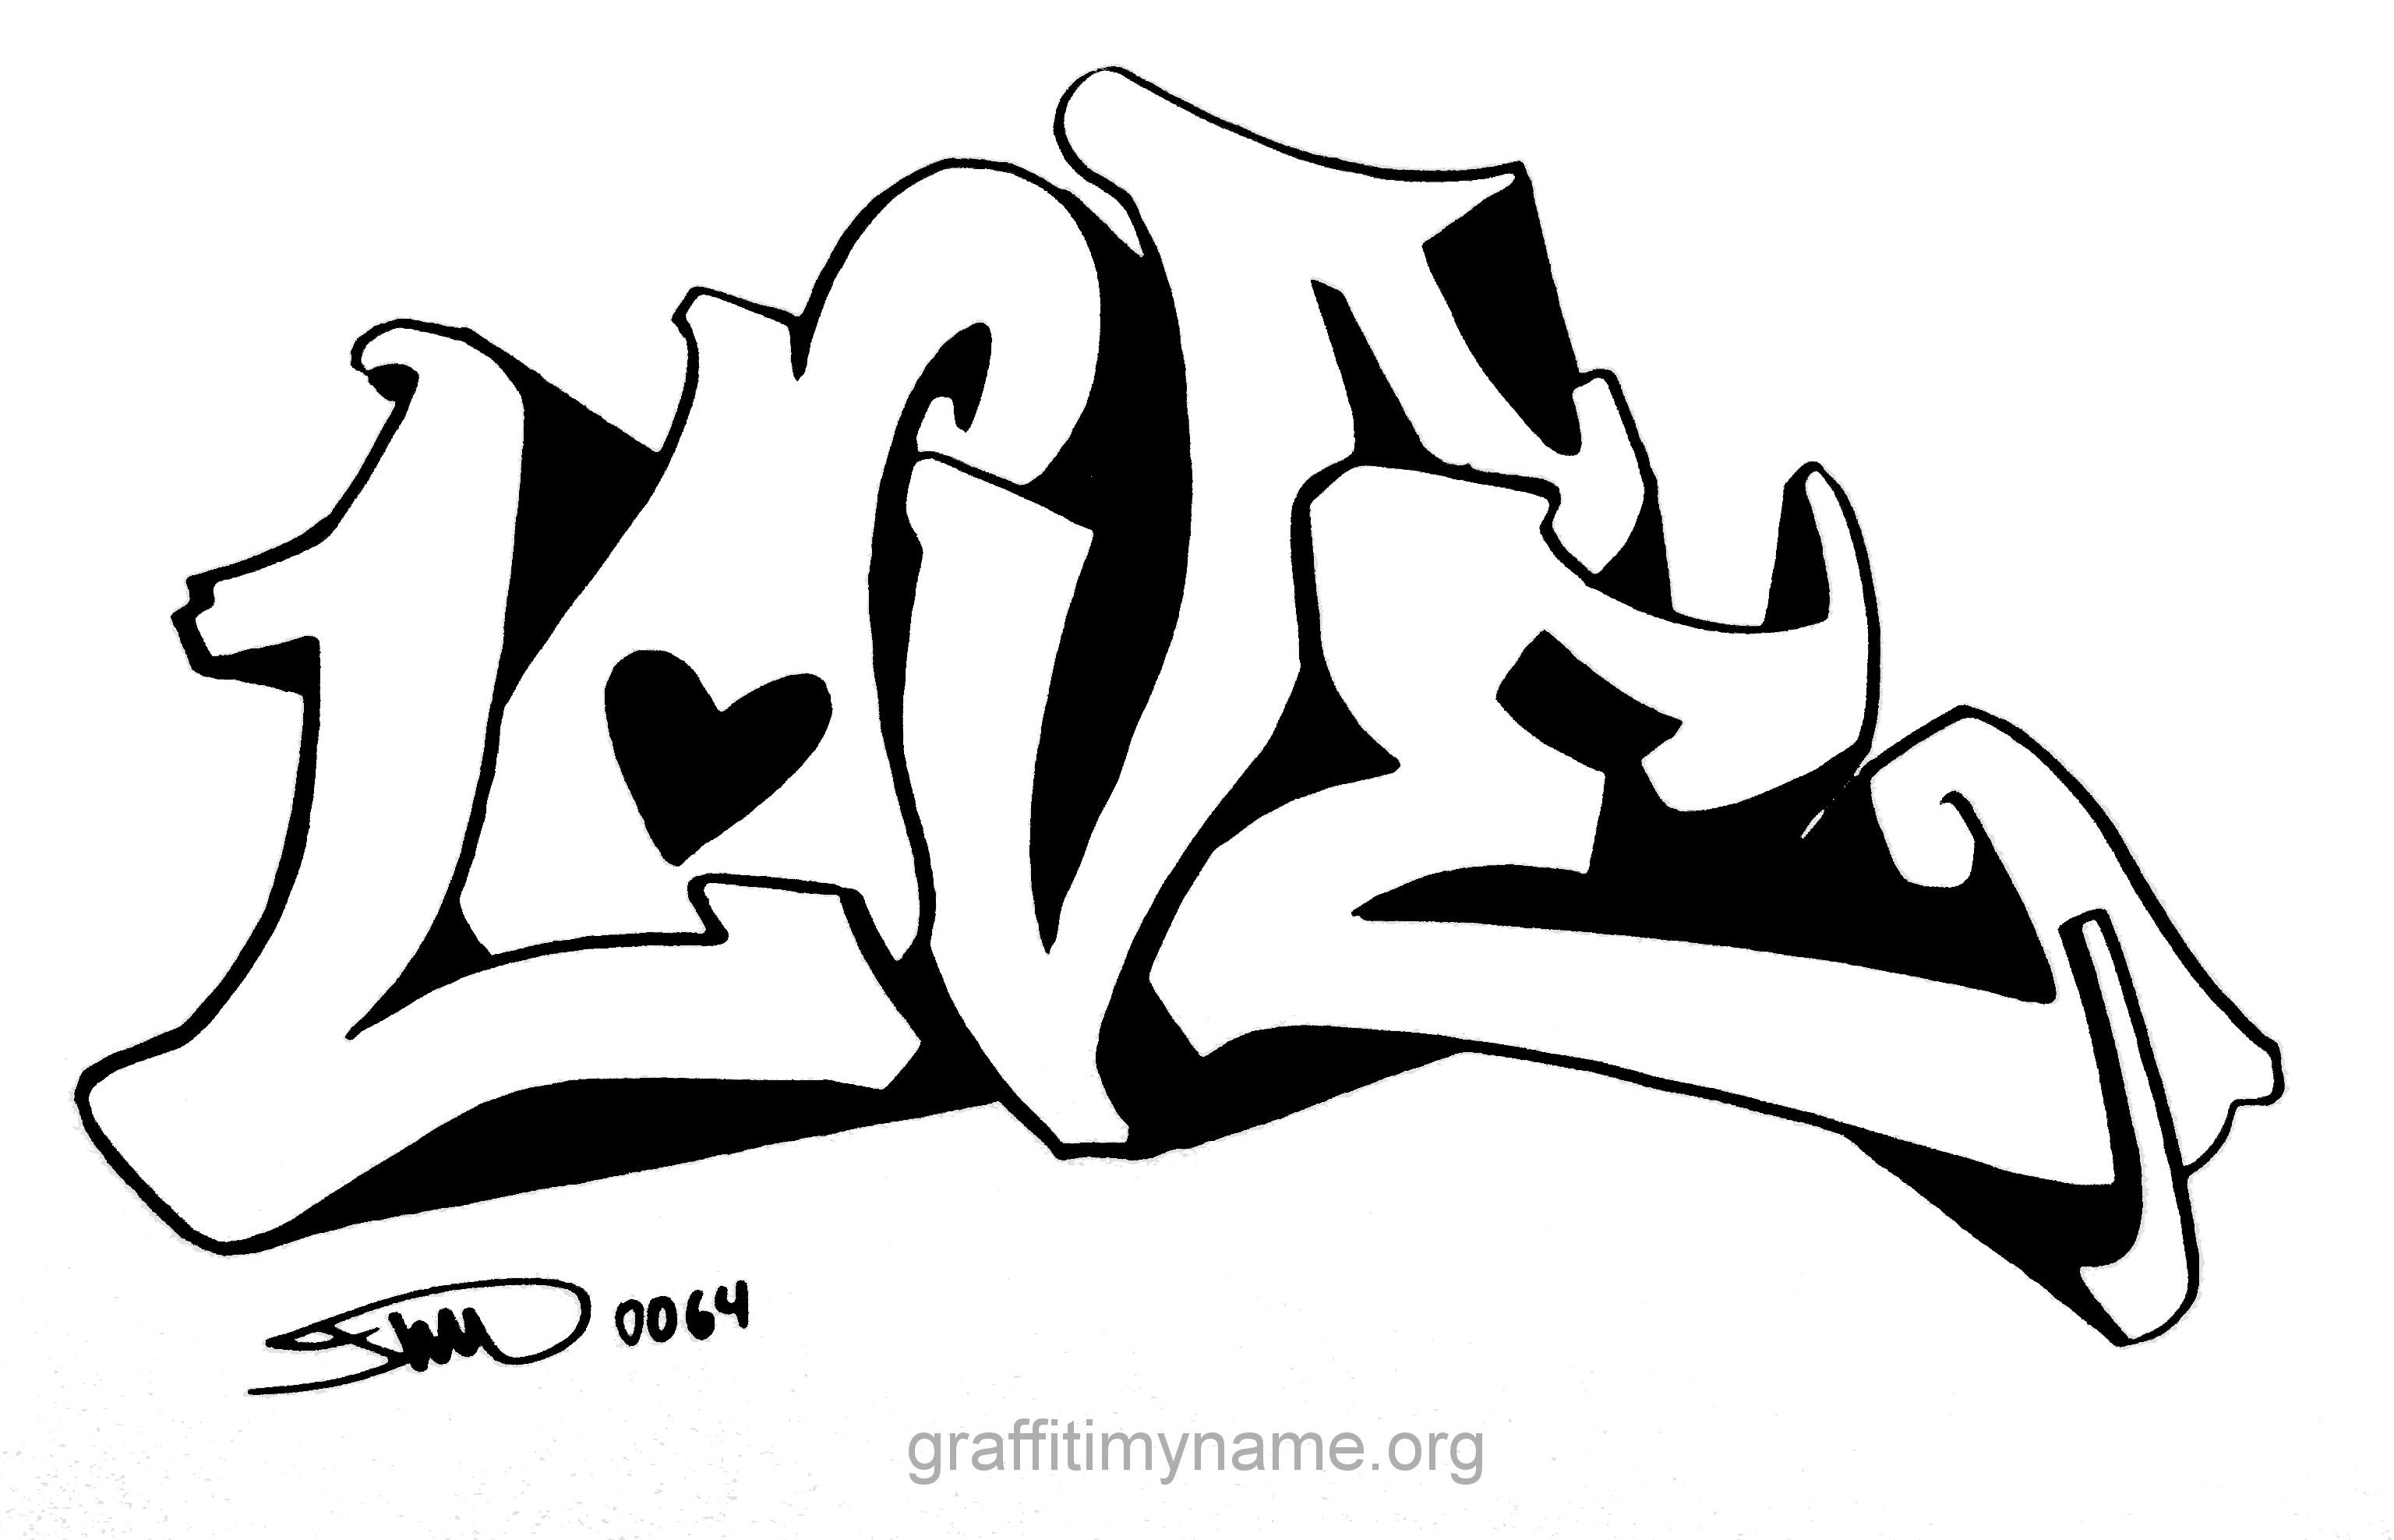 die besten ideen für ausmalbilder graffiti love  beste